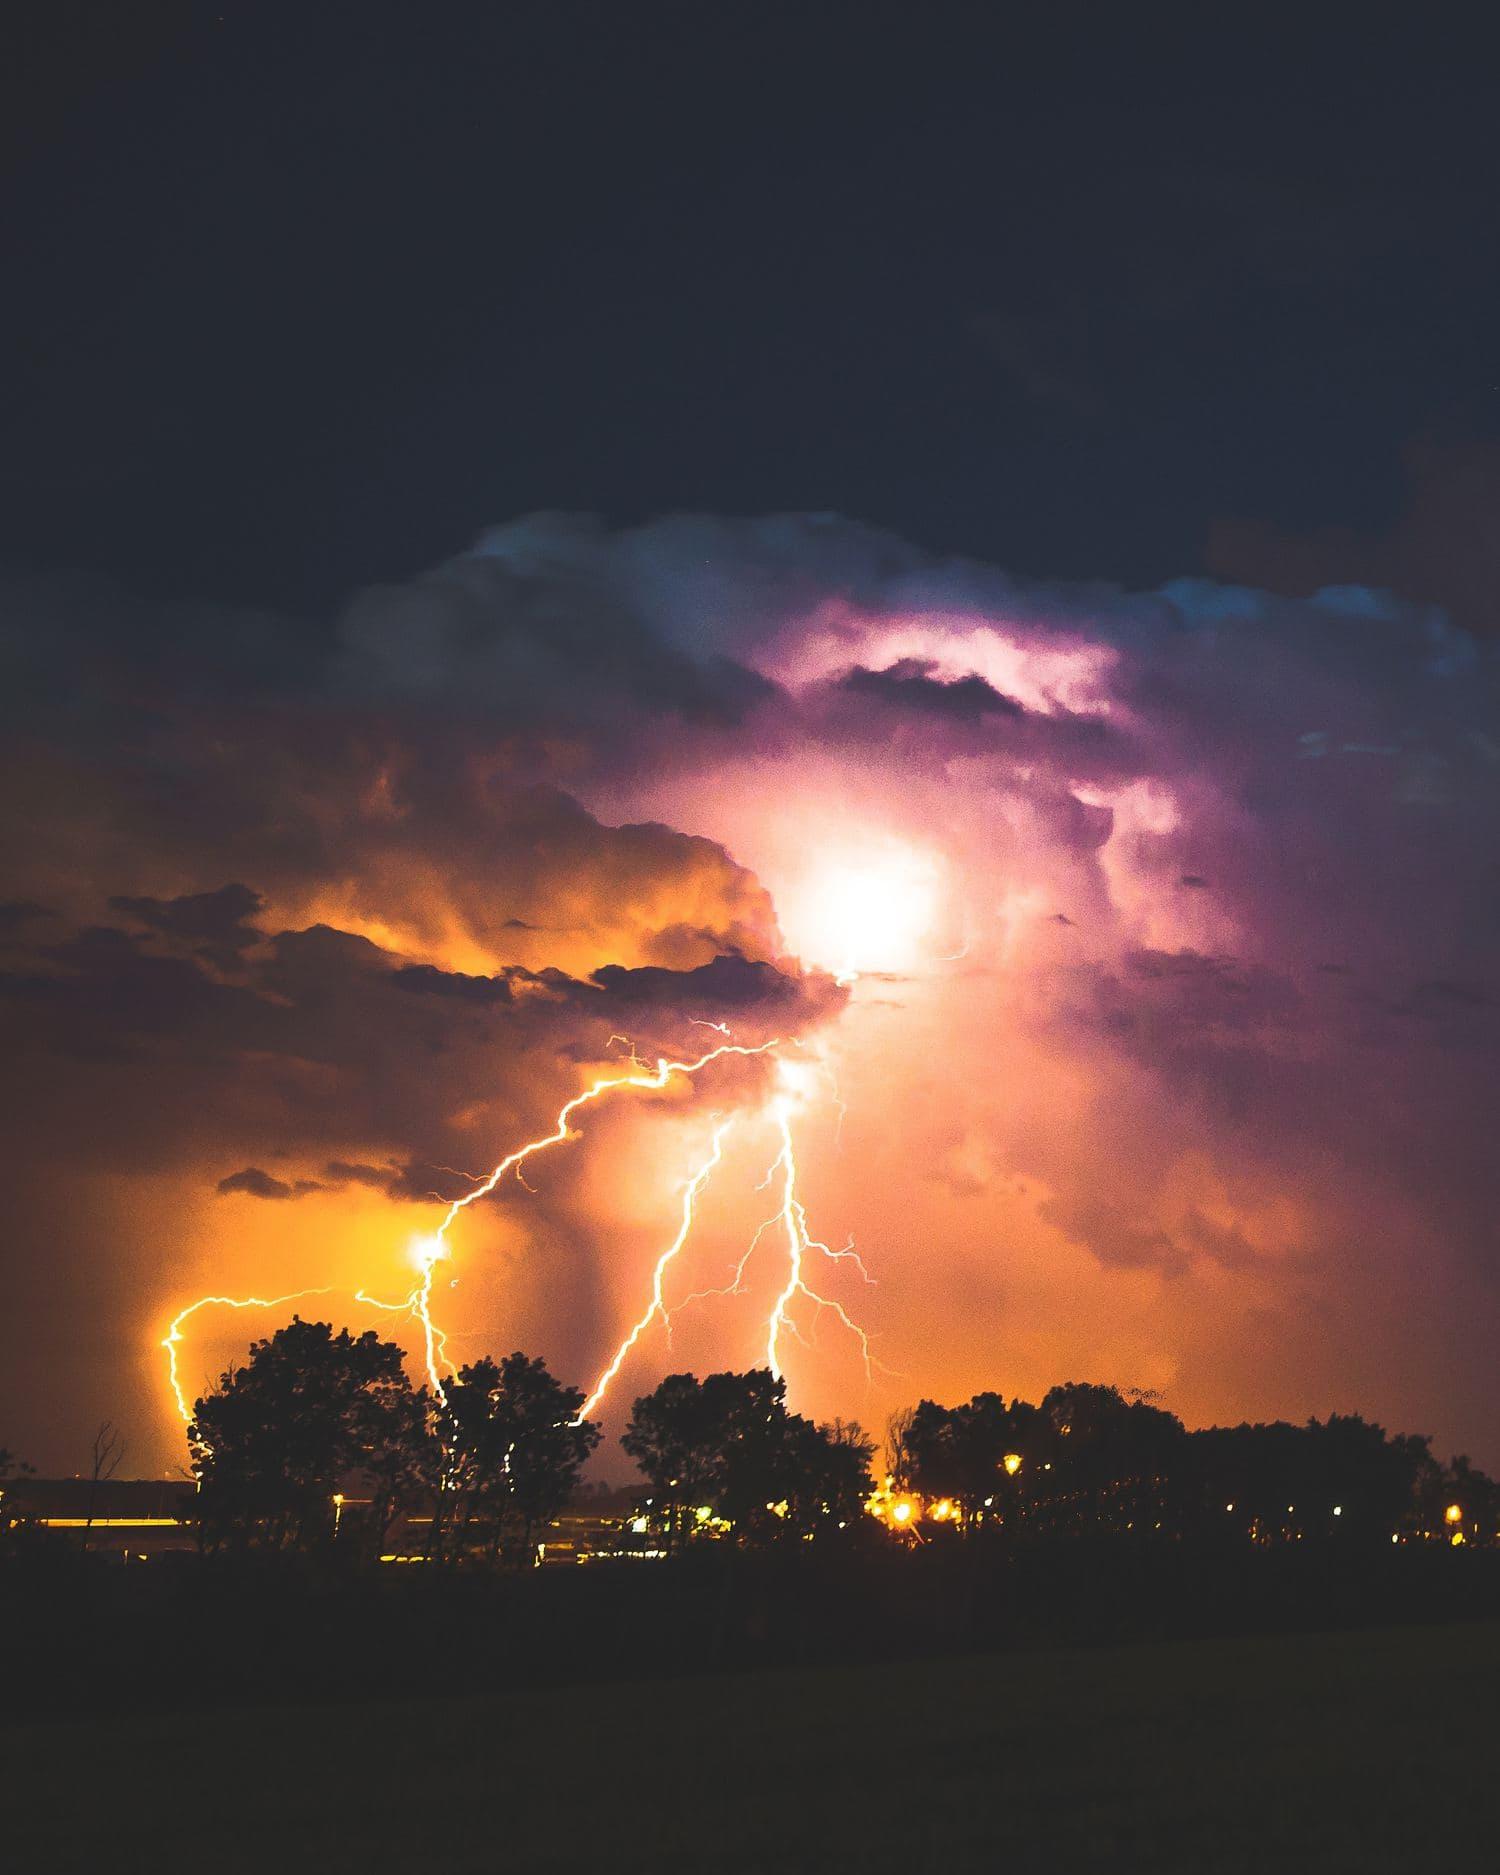 fotografía trueno entre nubes